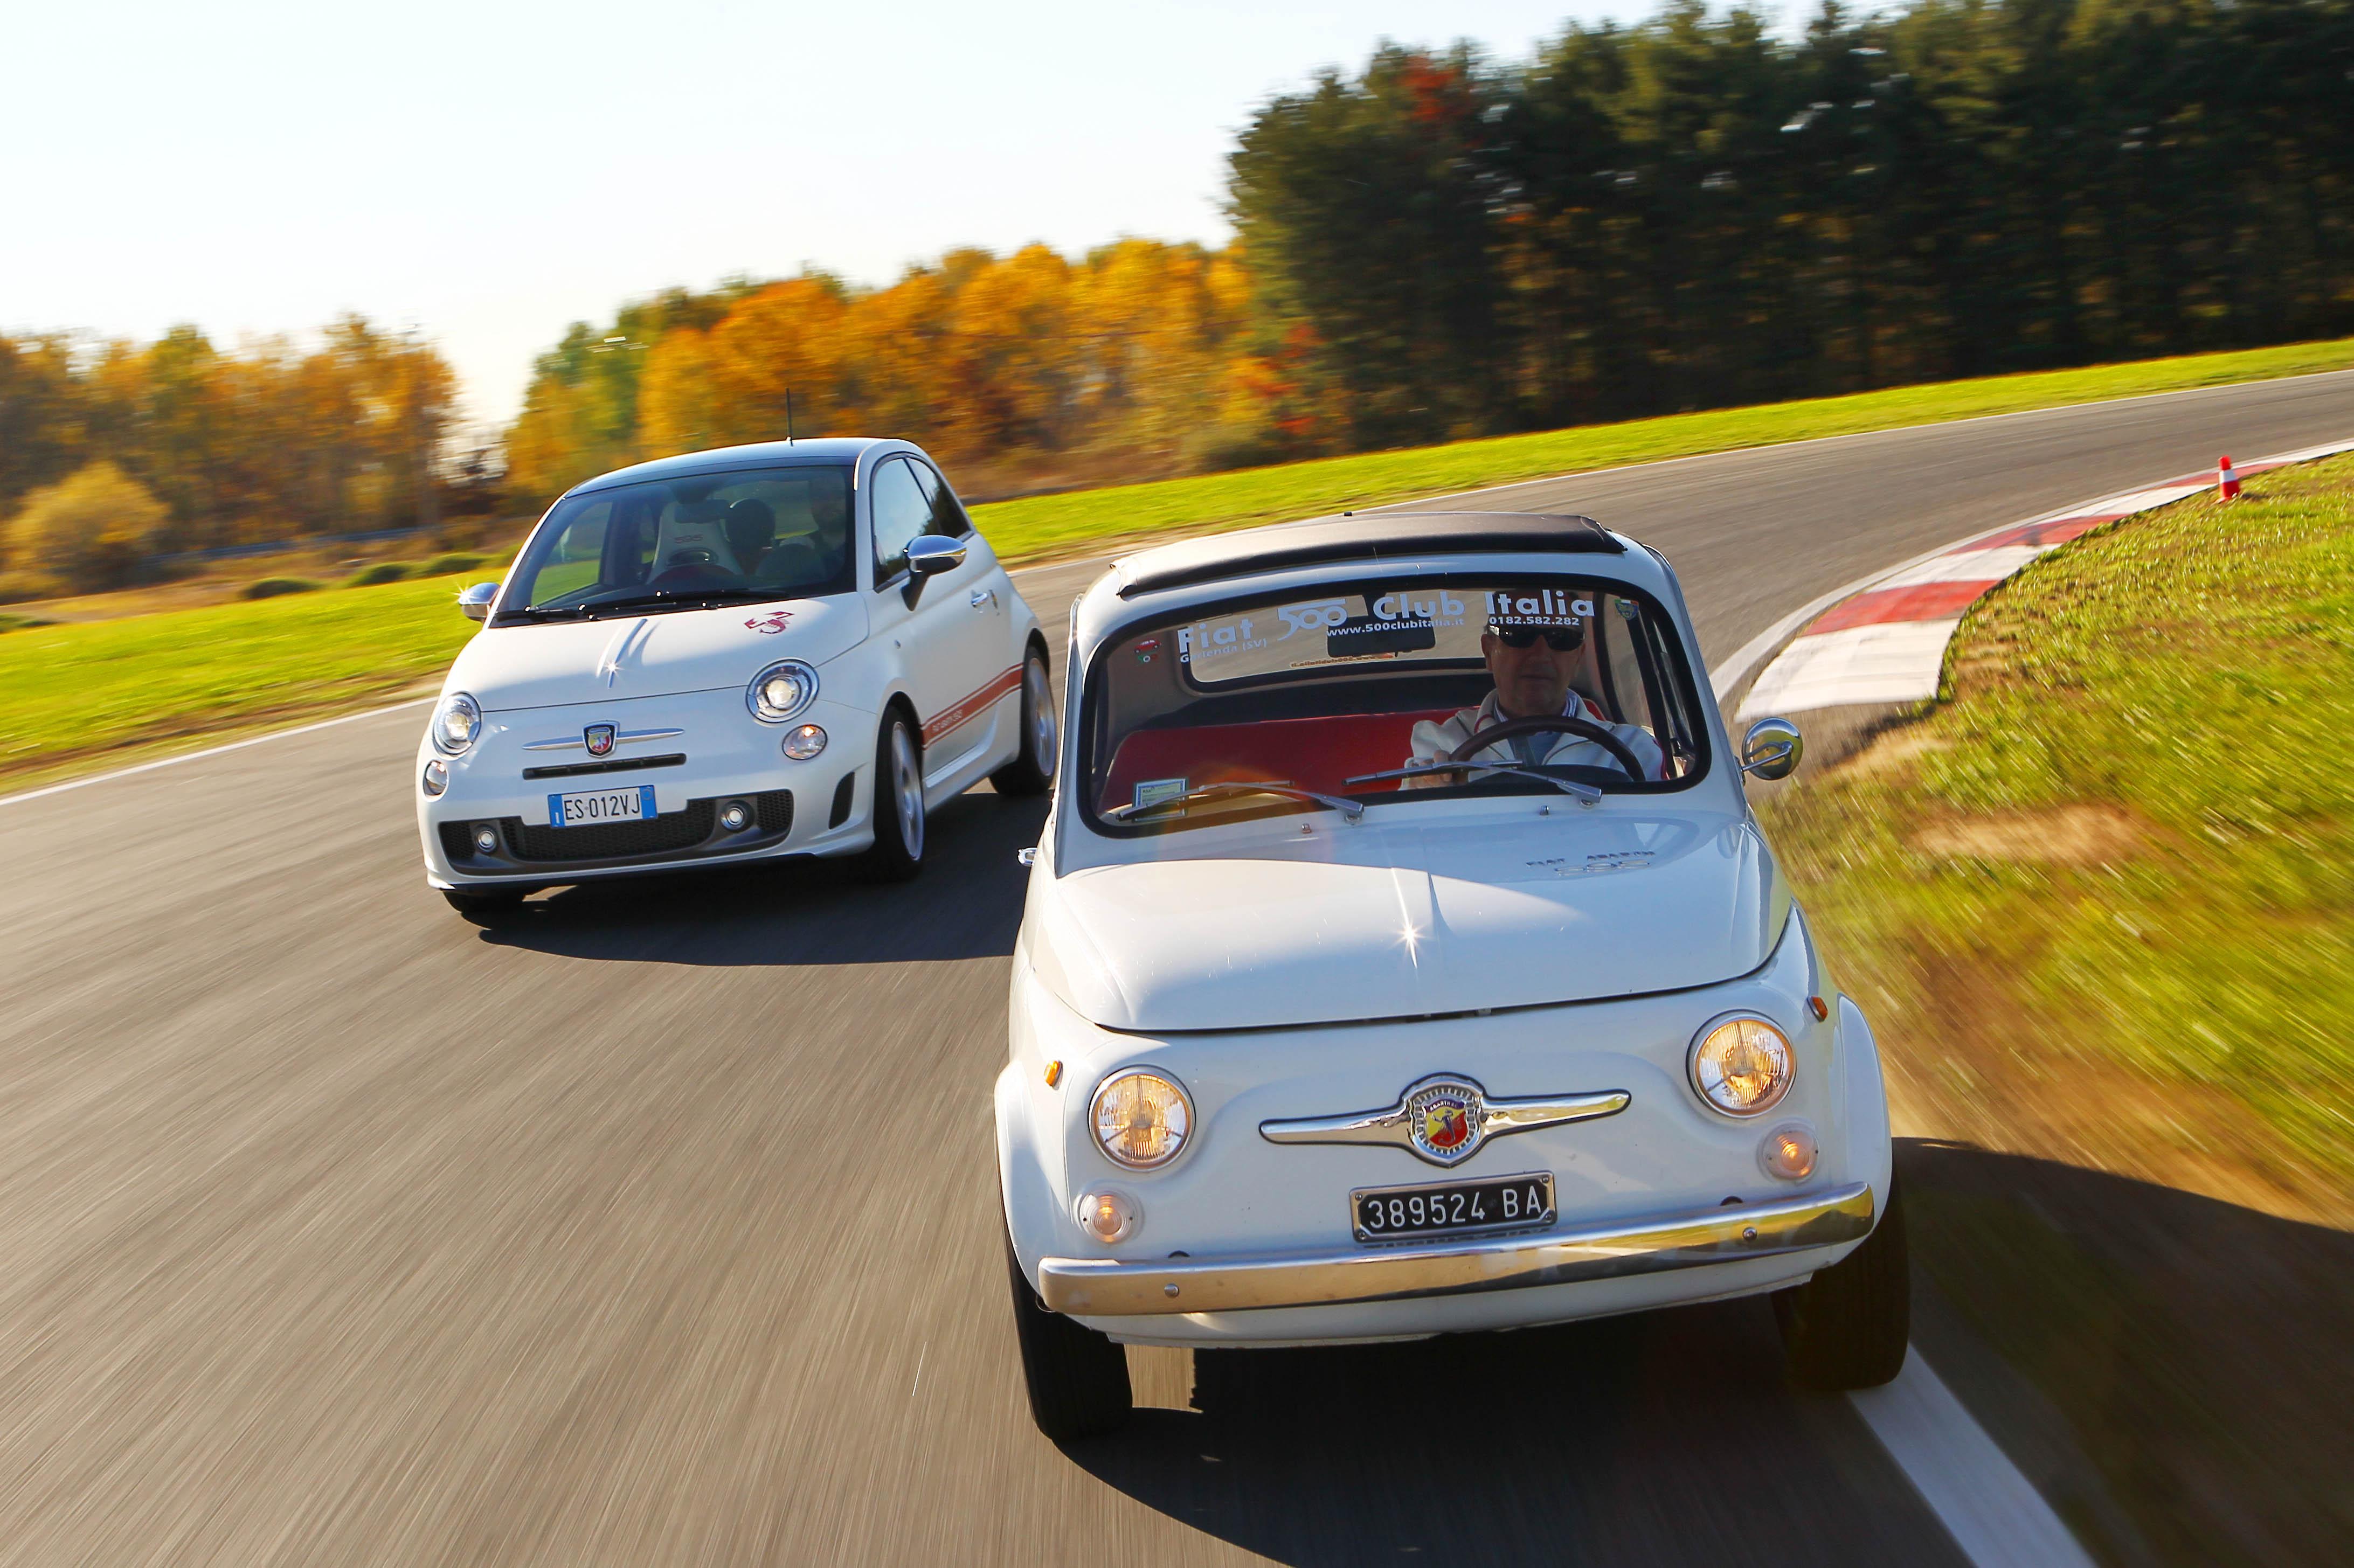 Fiat Chrysler Automobiles Auf Der Milano Autoclassica F 252 Nf Marken Pr 228 Sentieren Historische Und